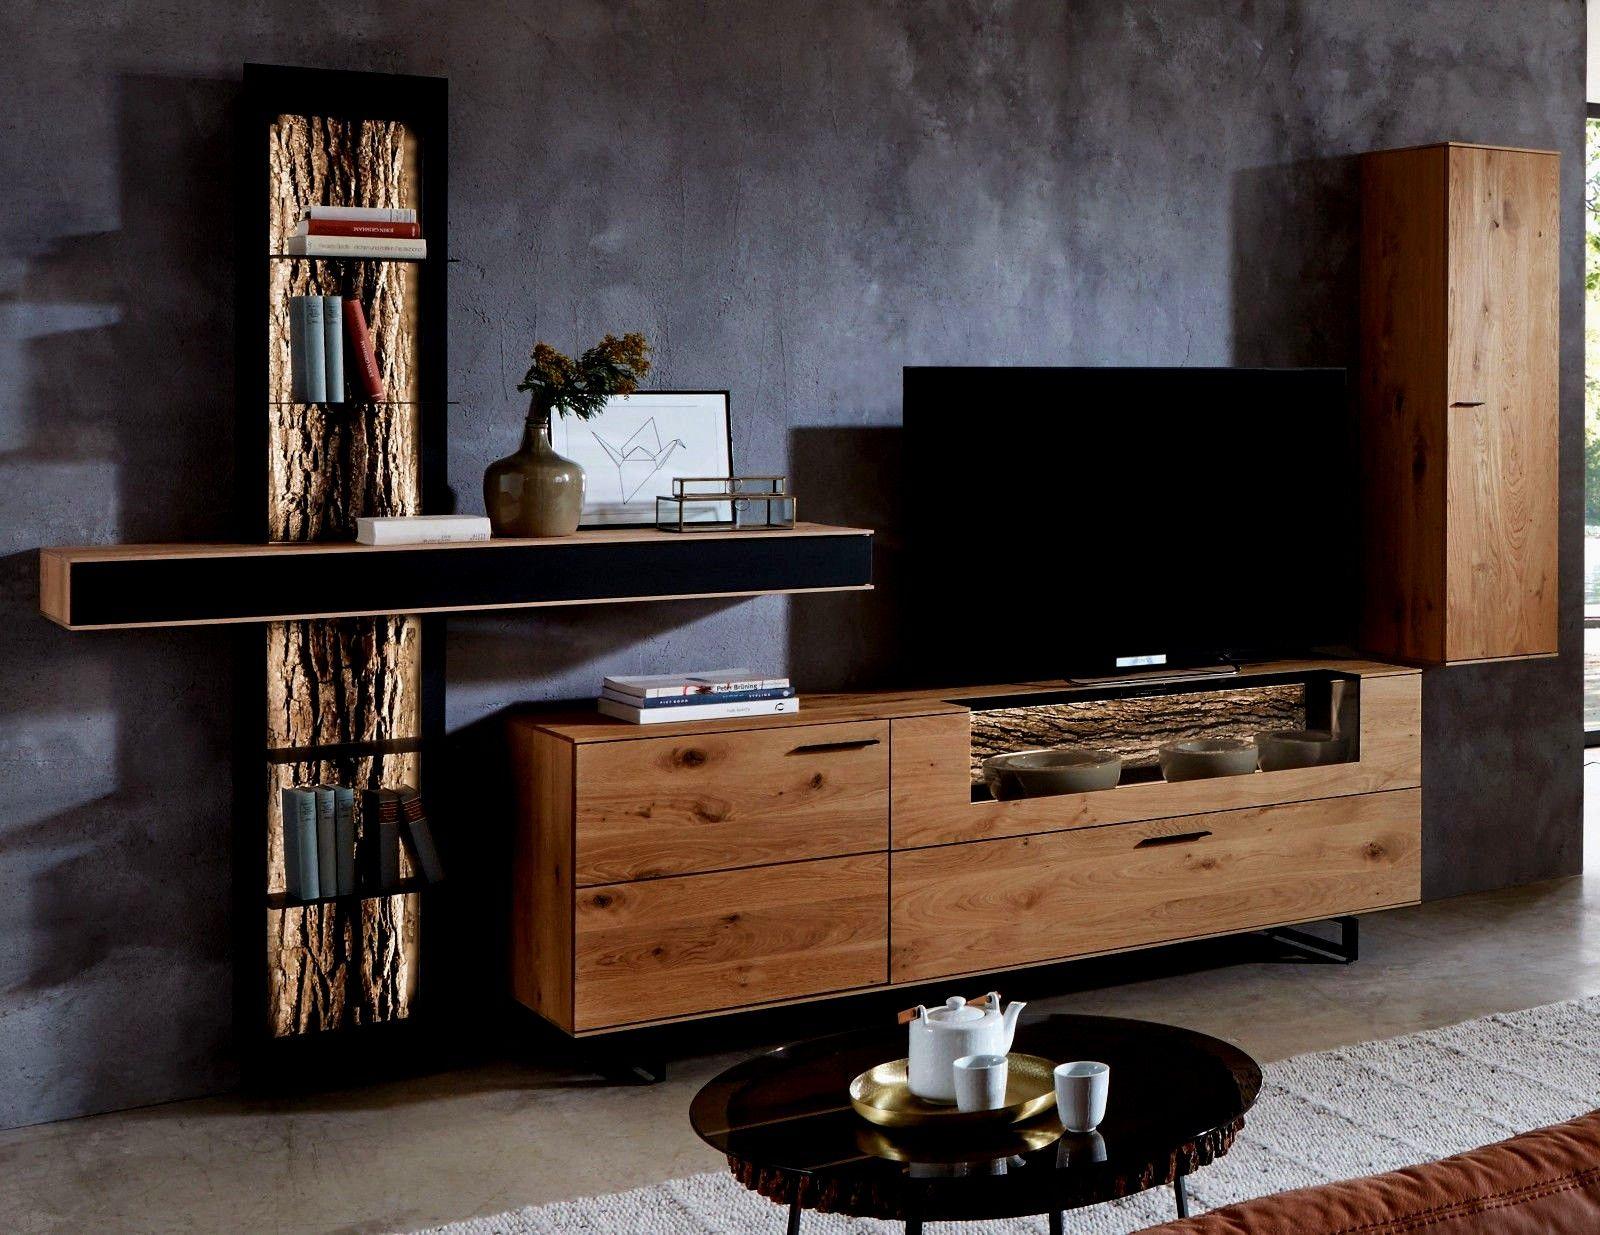 10 Kollektion Kollektion Von Wohnzimmermöbel Nussbaum Weiß